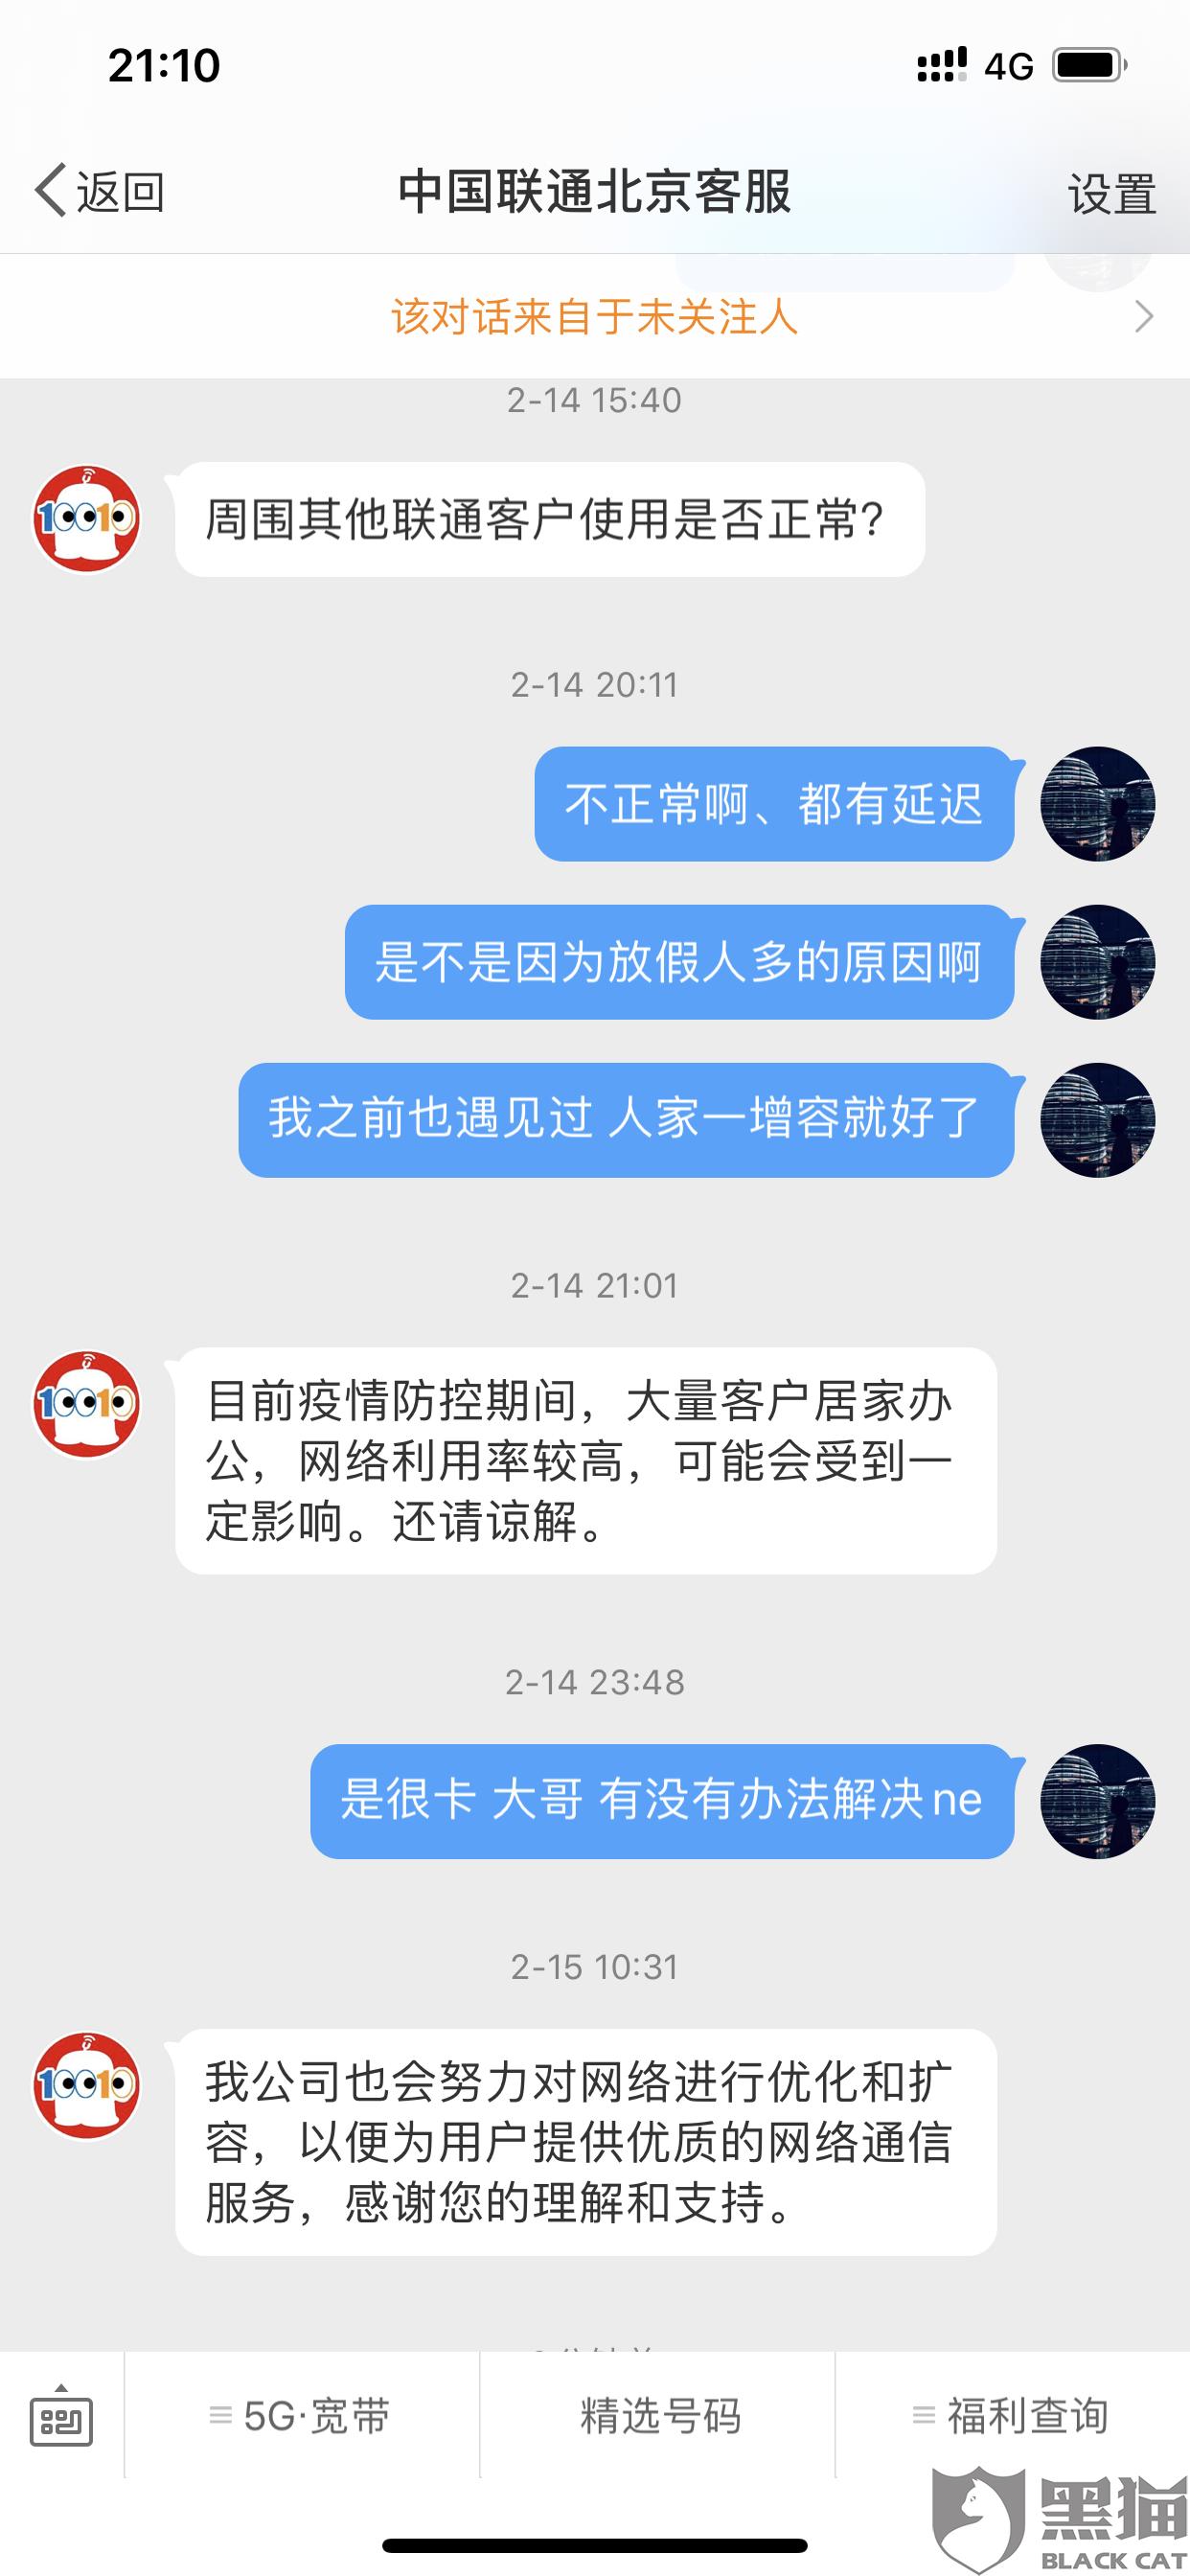 黑猫投诉:解决密云区鼓楼街道网络延迟问题